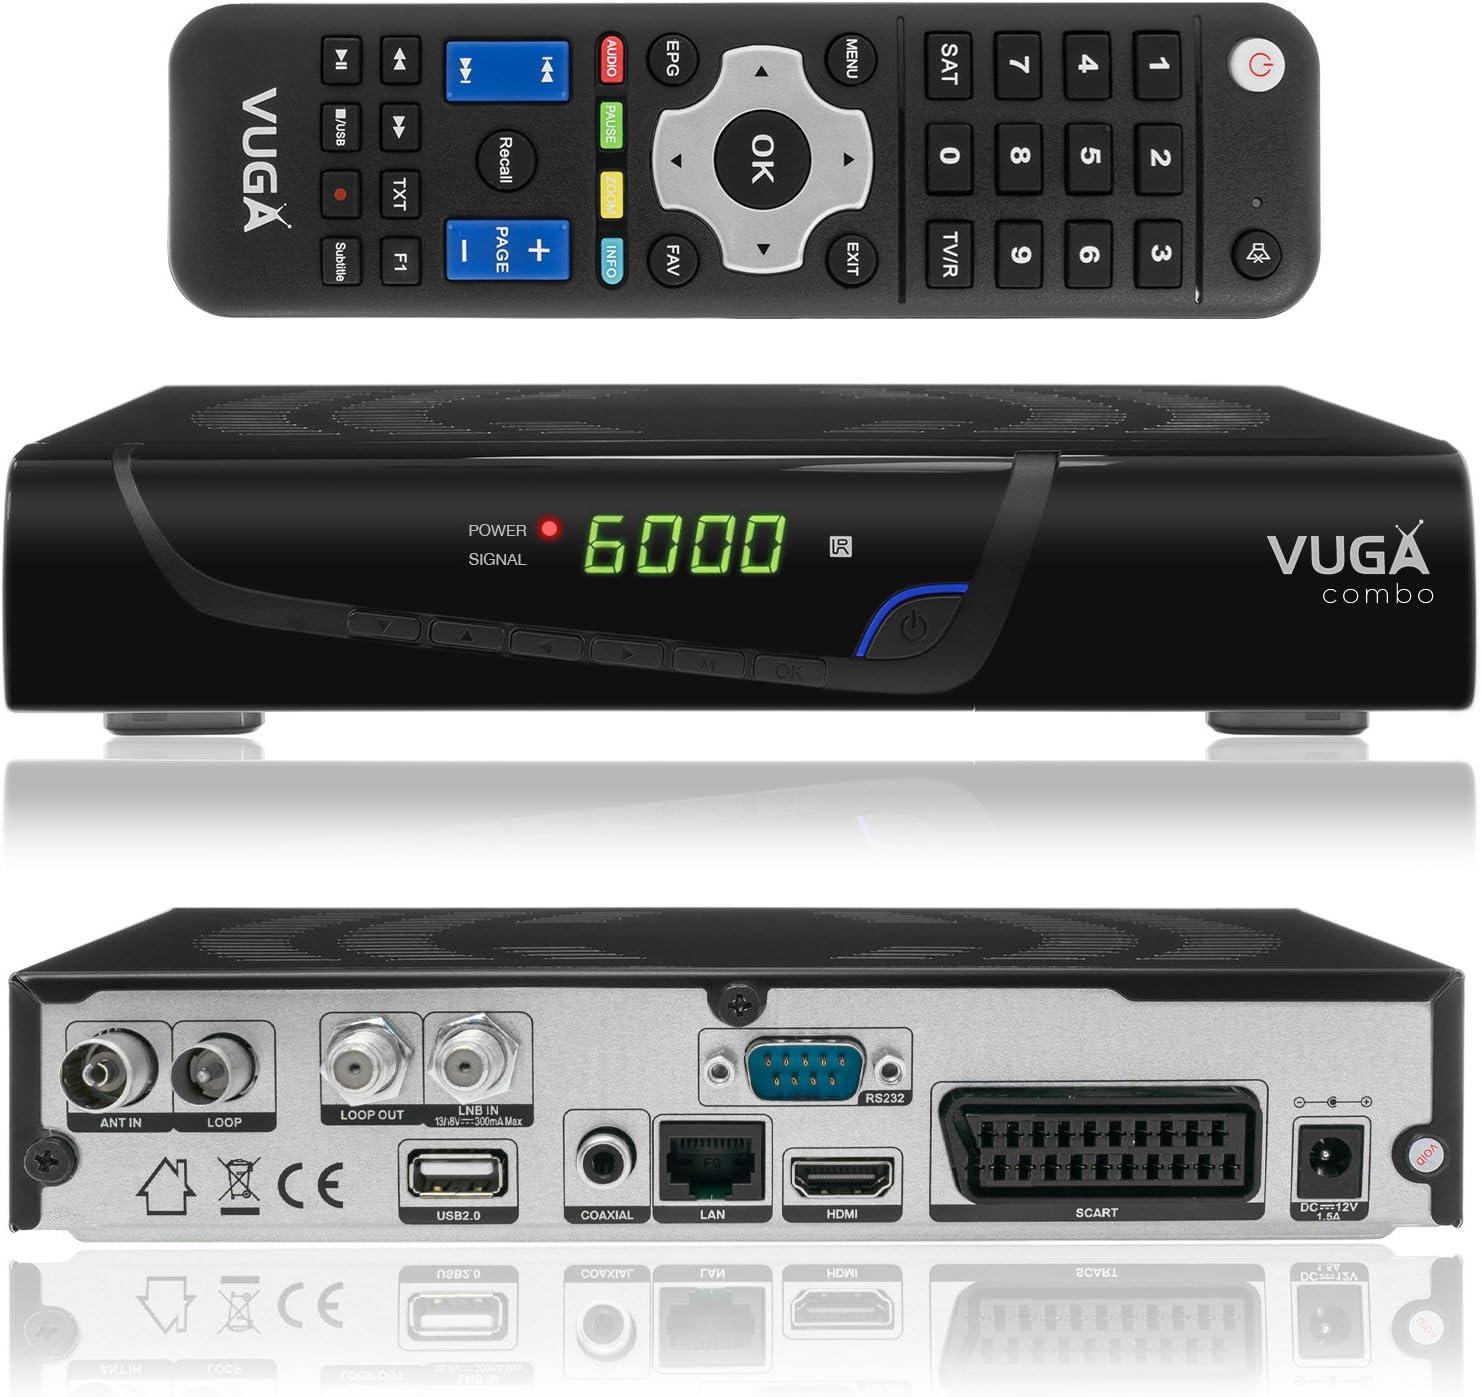 Vuga Combo Full Hdtv H 265 Digital Satellite Receiver Elektronik